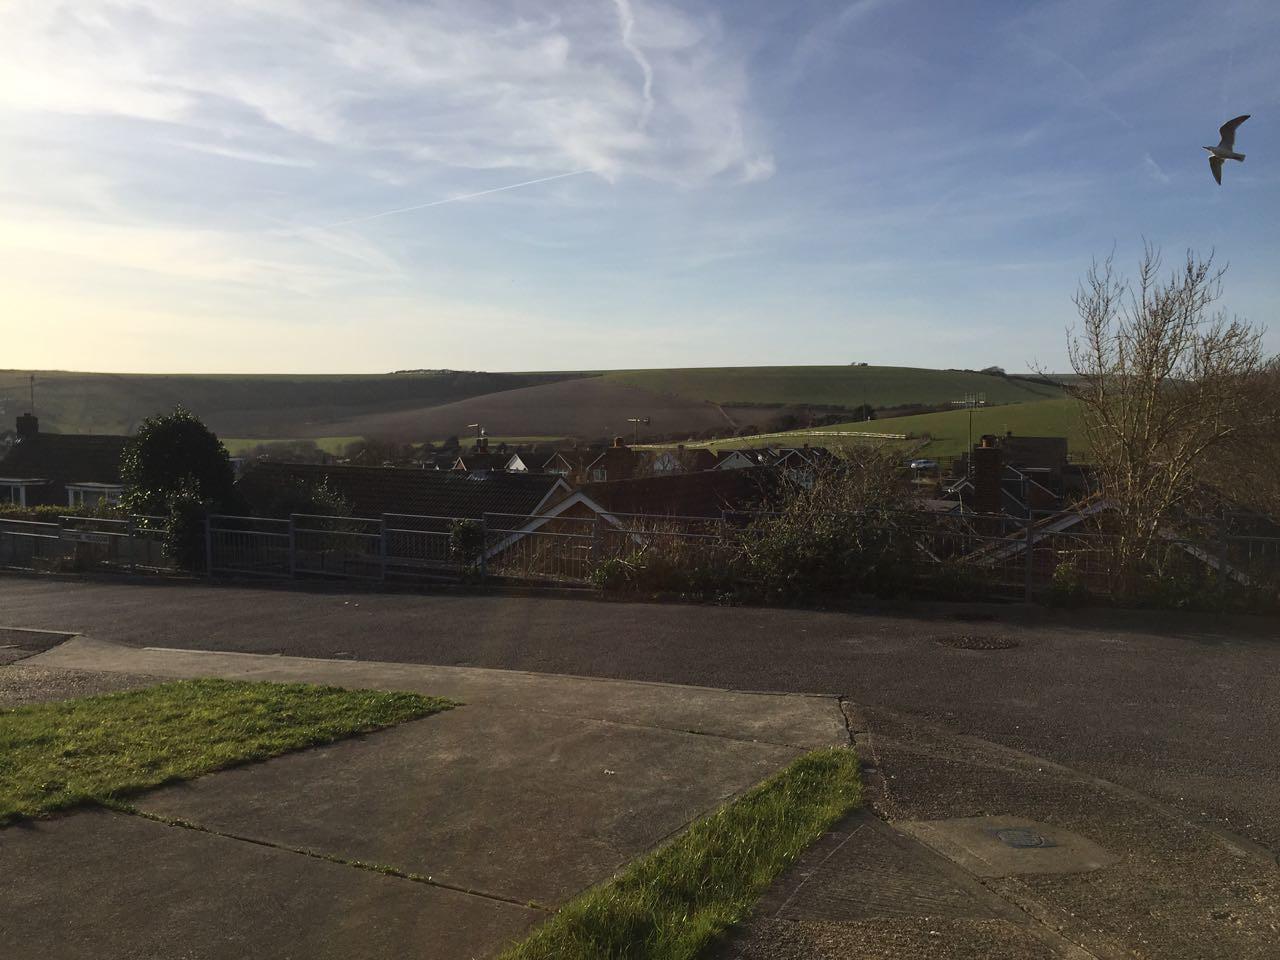 Coomber Meadow, Saltdean - 10